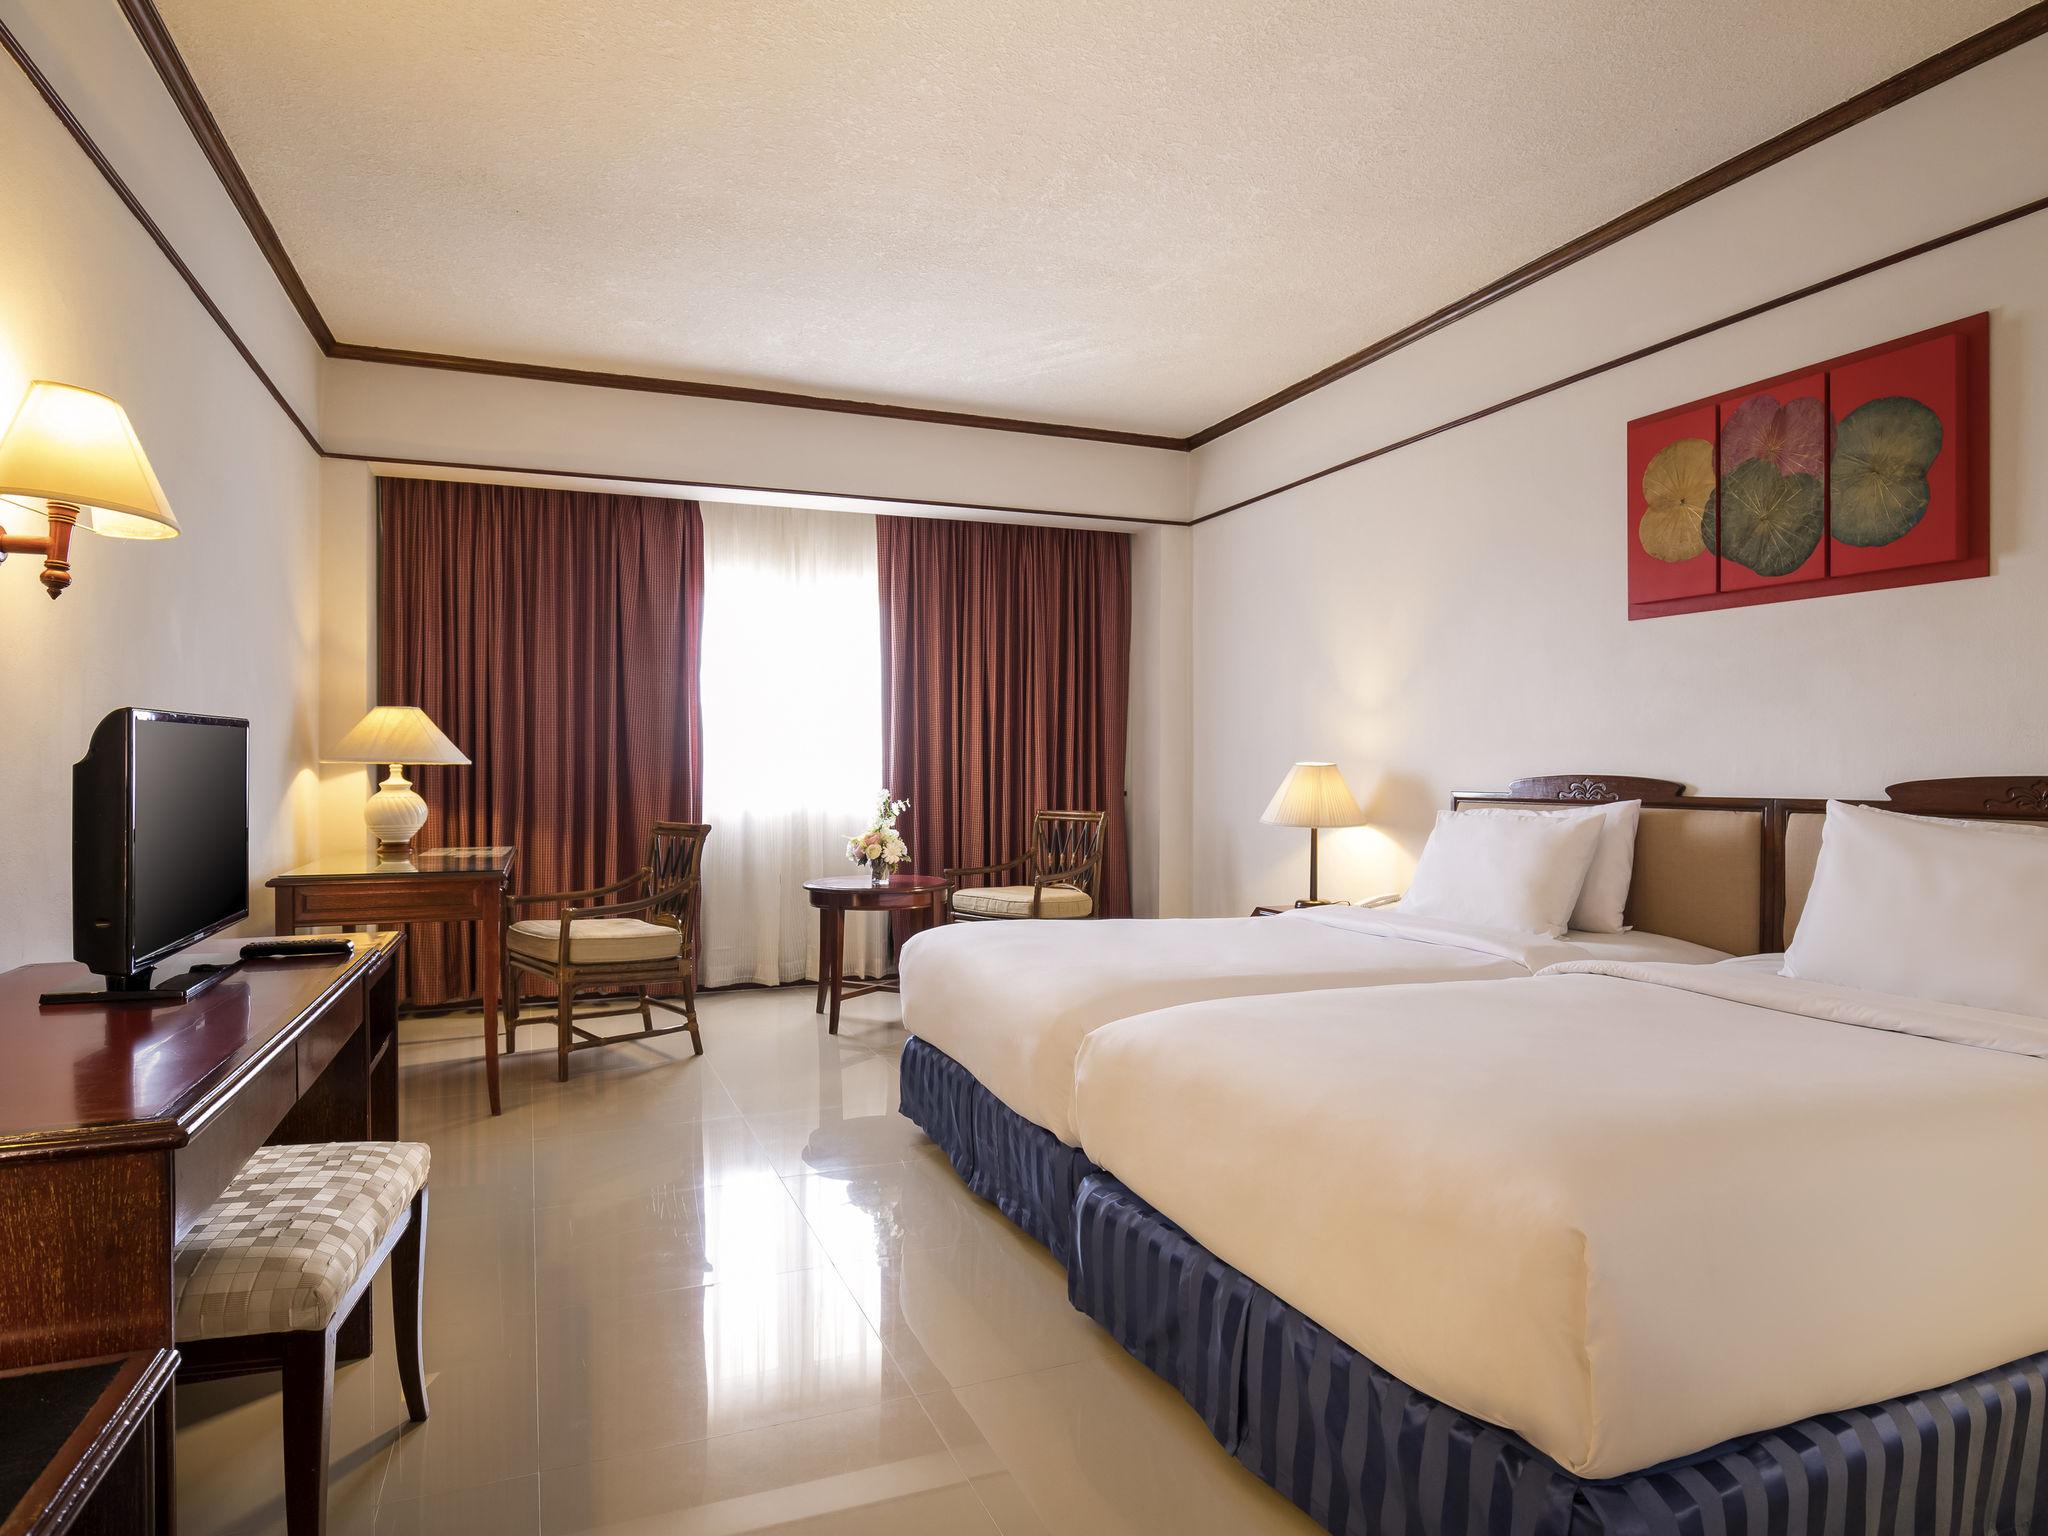 Hotel in CHIANG MAI - Mercure Chiang Mai